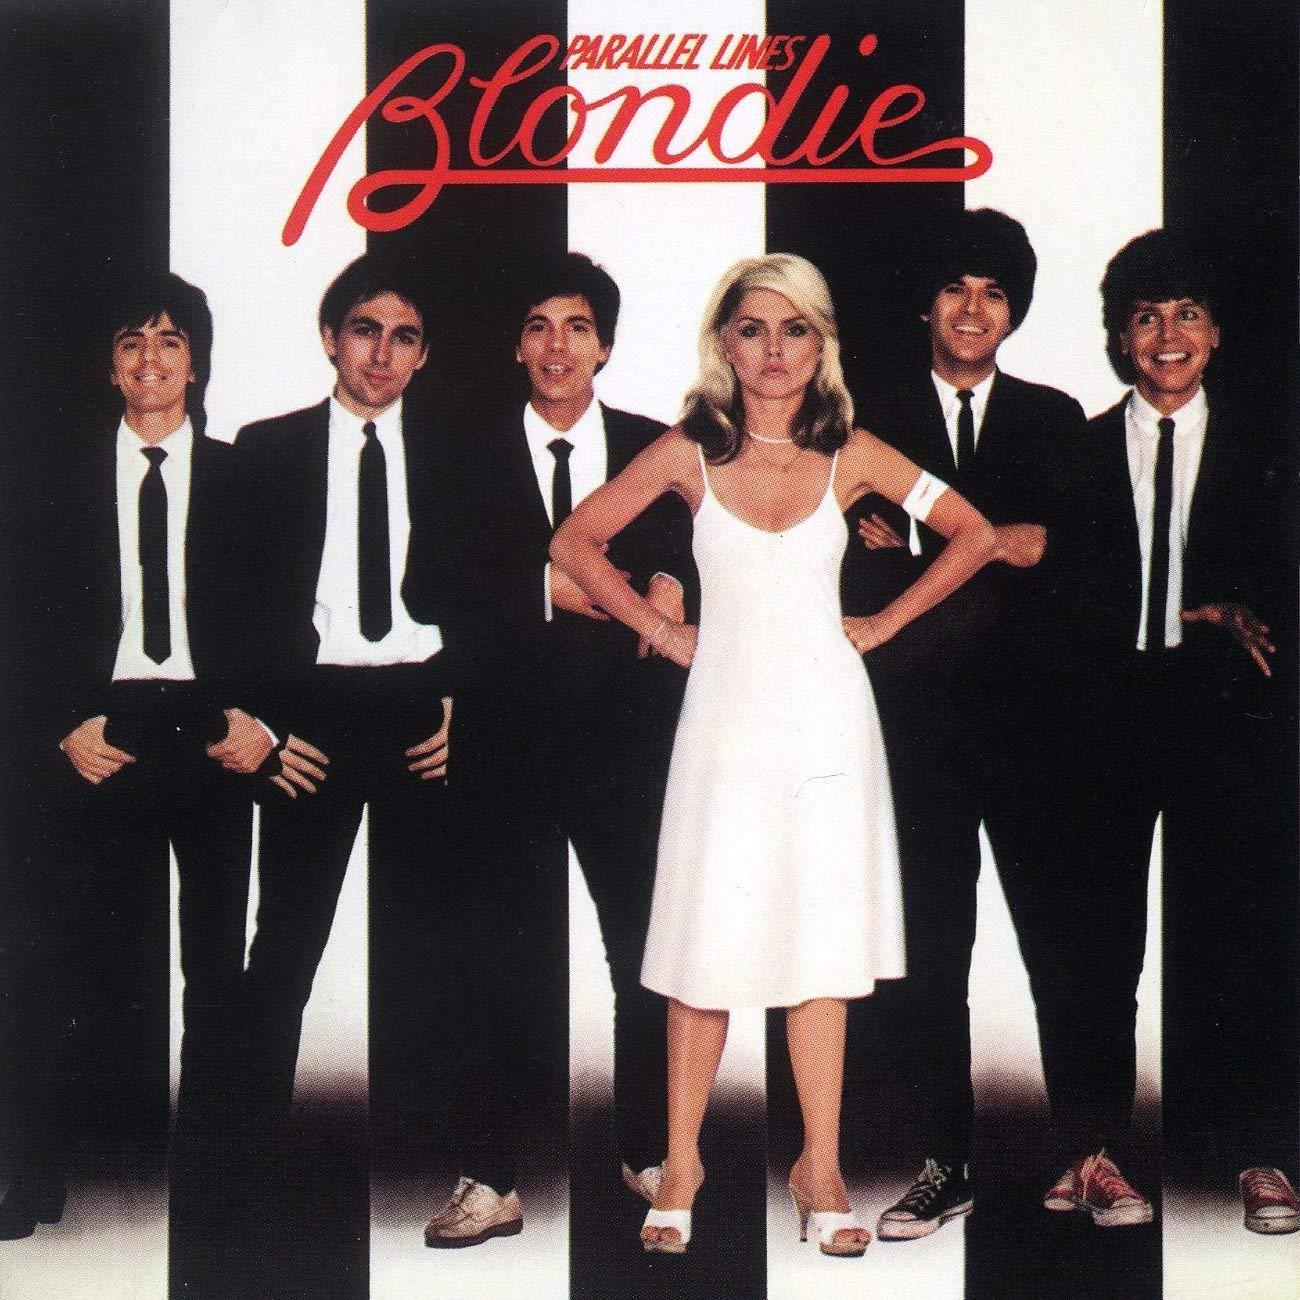 Blondie - Parallel Lines Limited Ed LP [Vinyl] £9.99 (+£2.99 Non Prime) @ Amazon